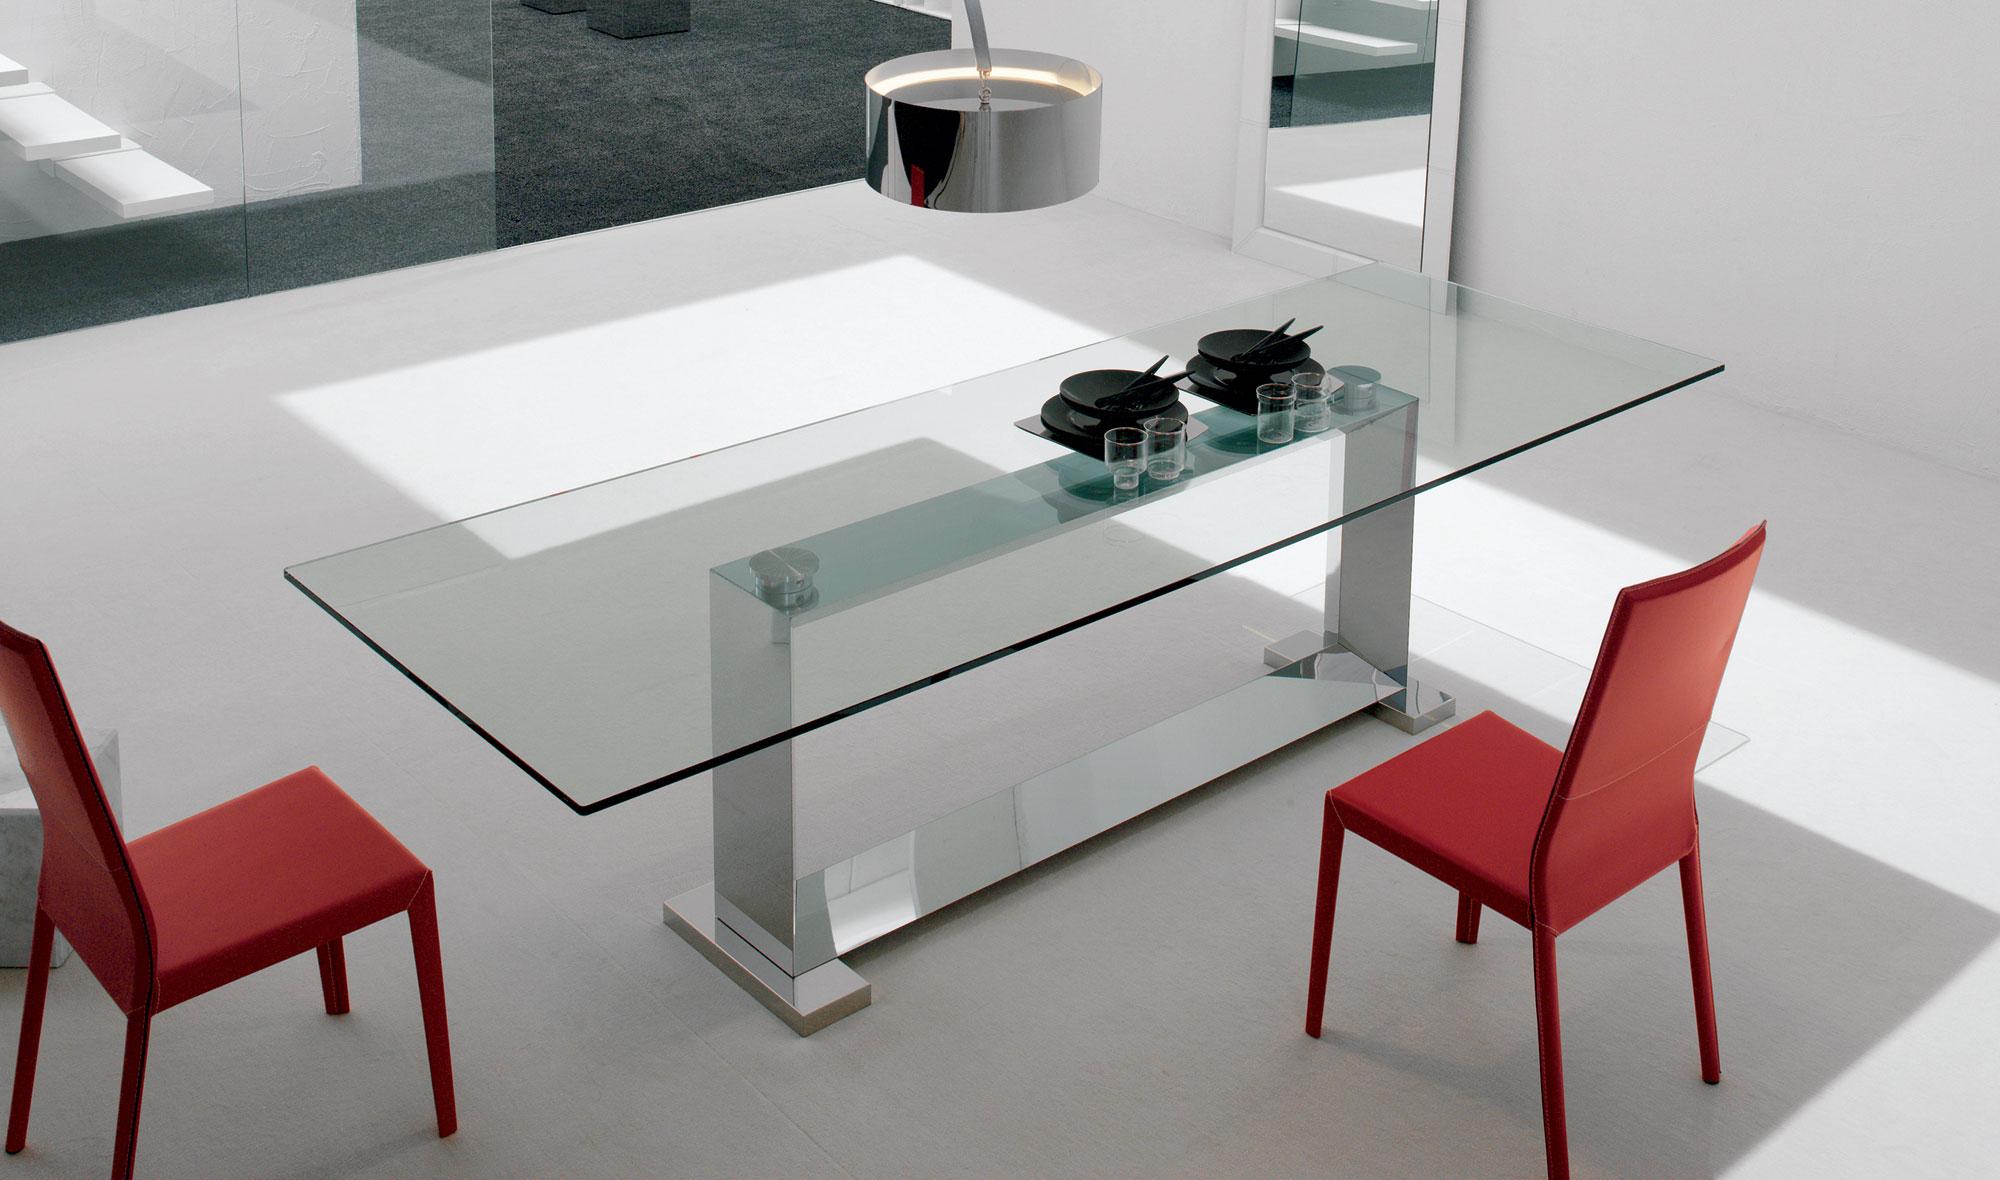 Mesa de comedor grande moderna monaco de lujo en for Mesas de comedor redondas modernas